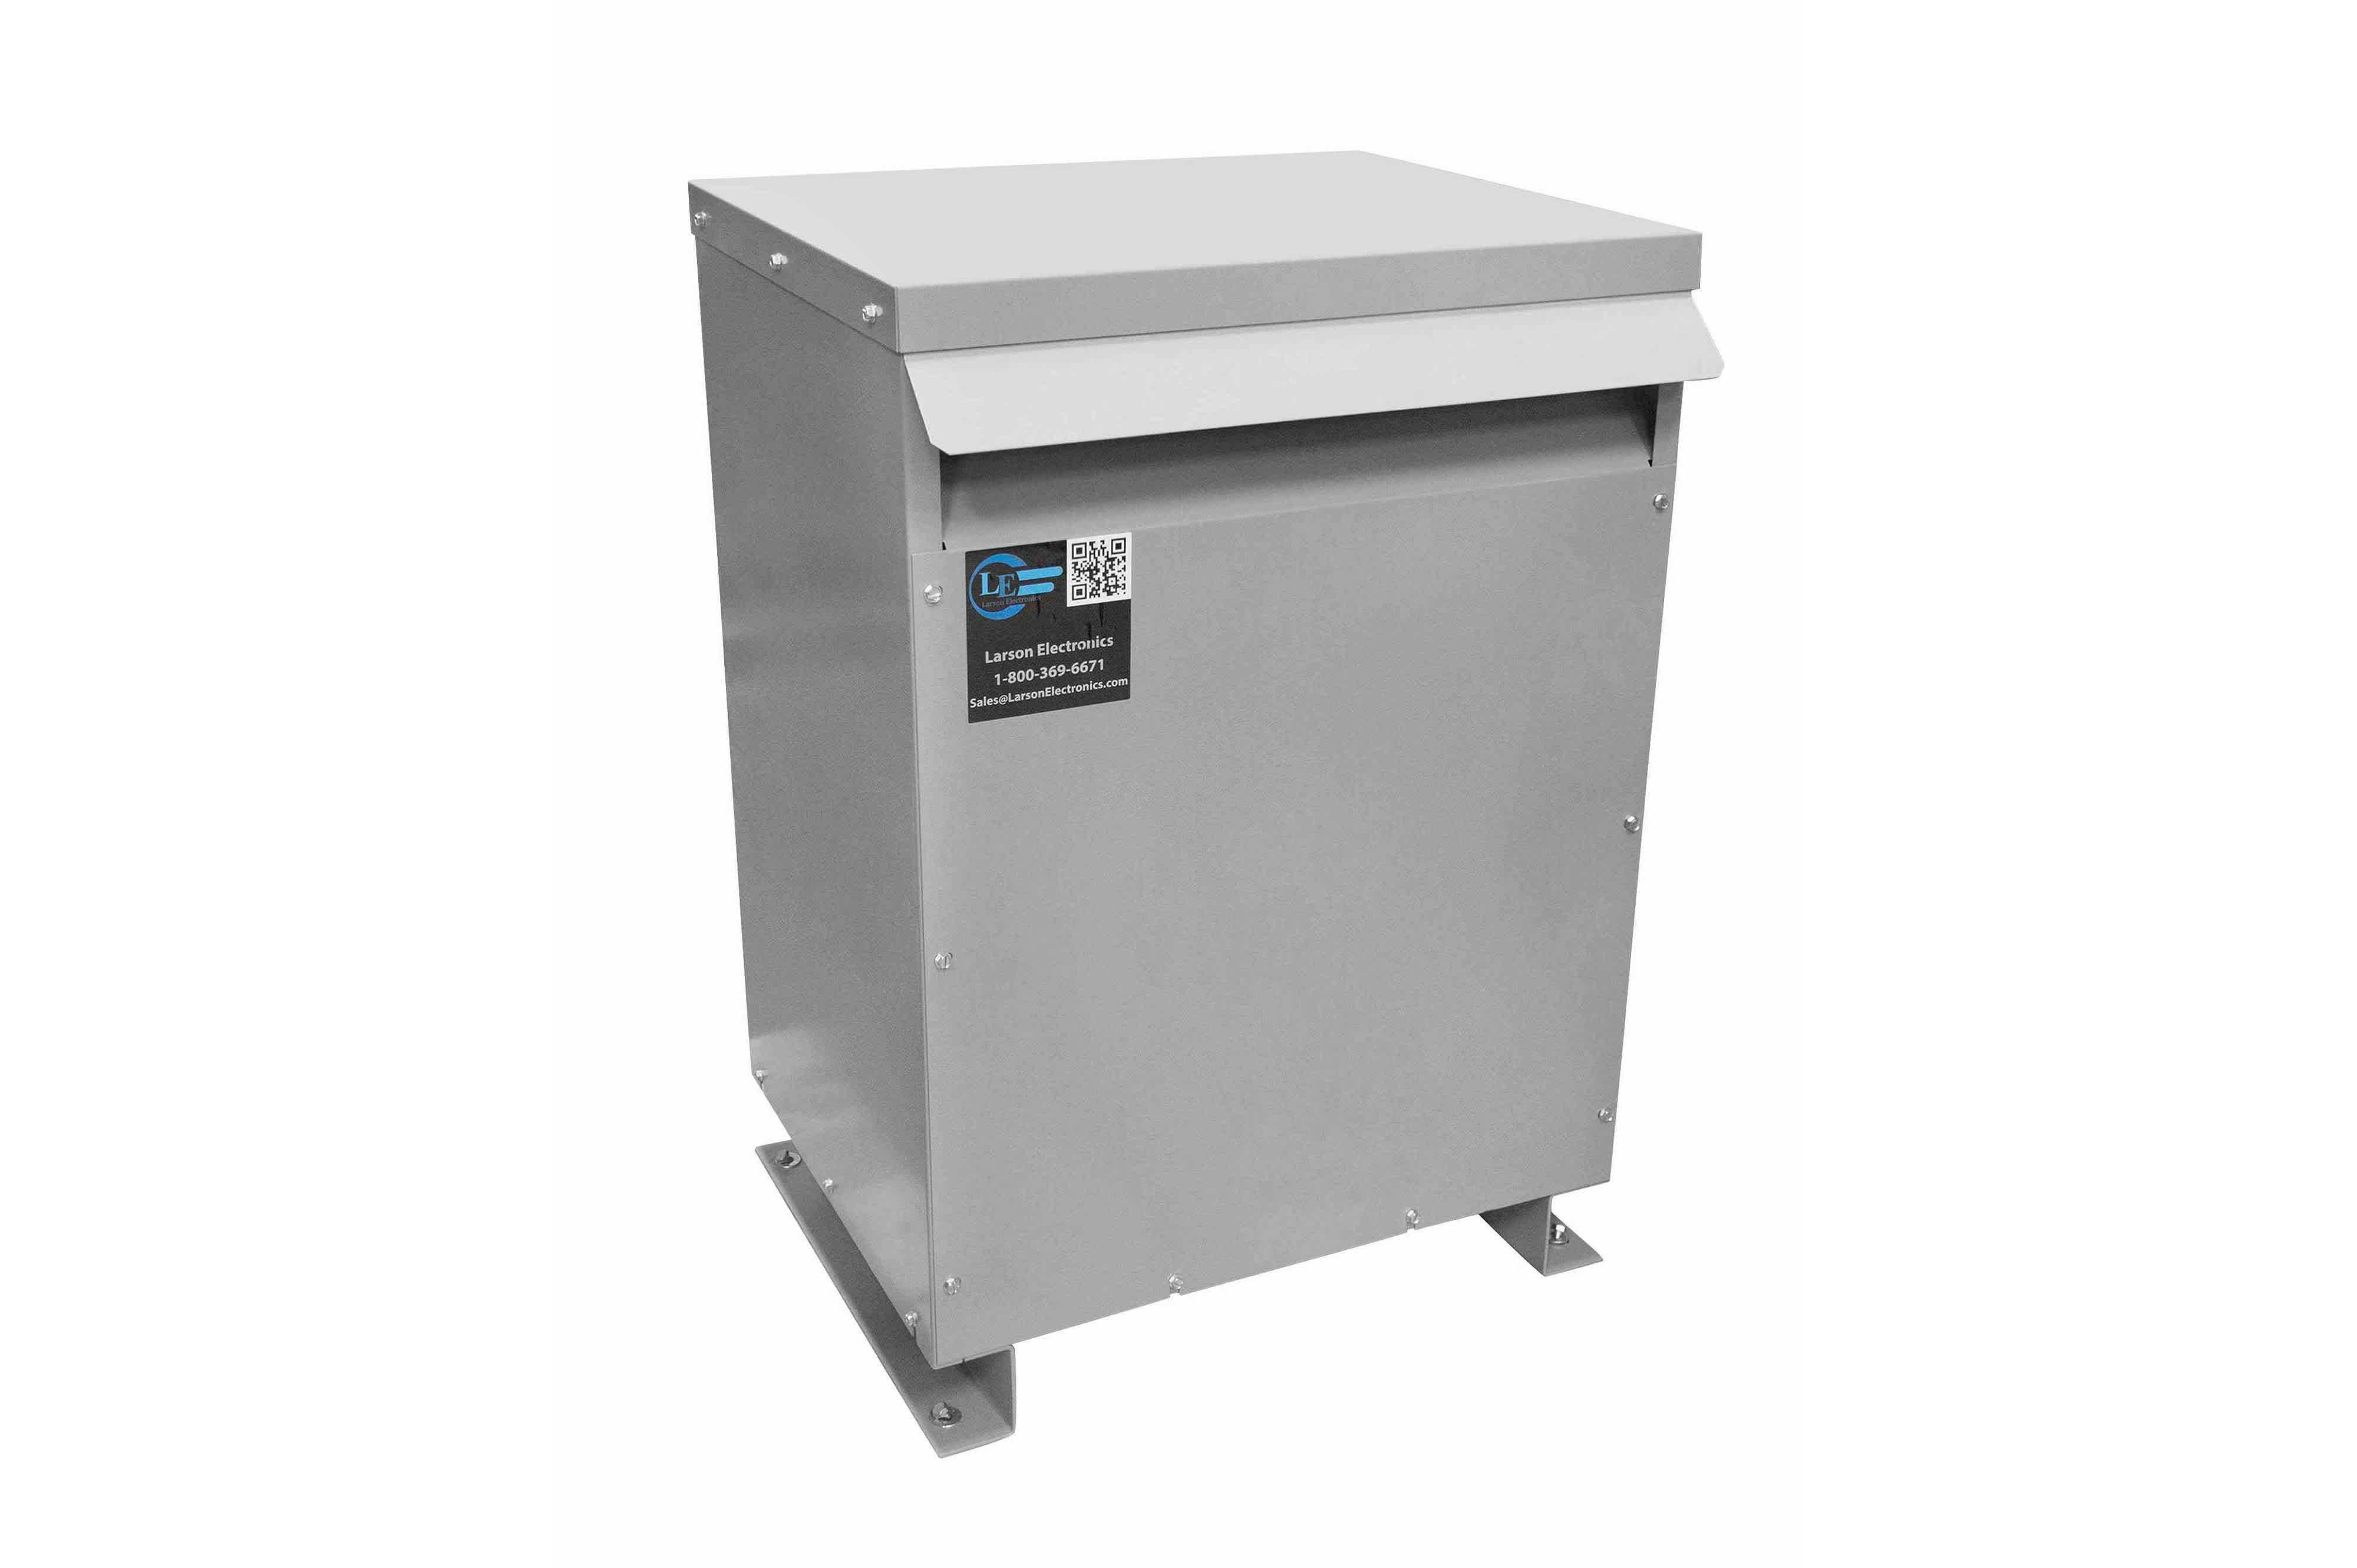 137.5 kVA 3PH Isolation Transformer, 575V Delta Primary, 240 Delta Secondary, N3R, Ventilated, 60 Hz